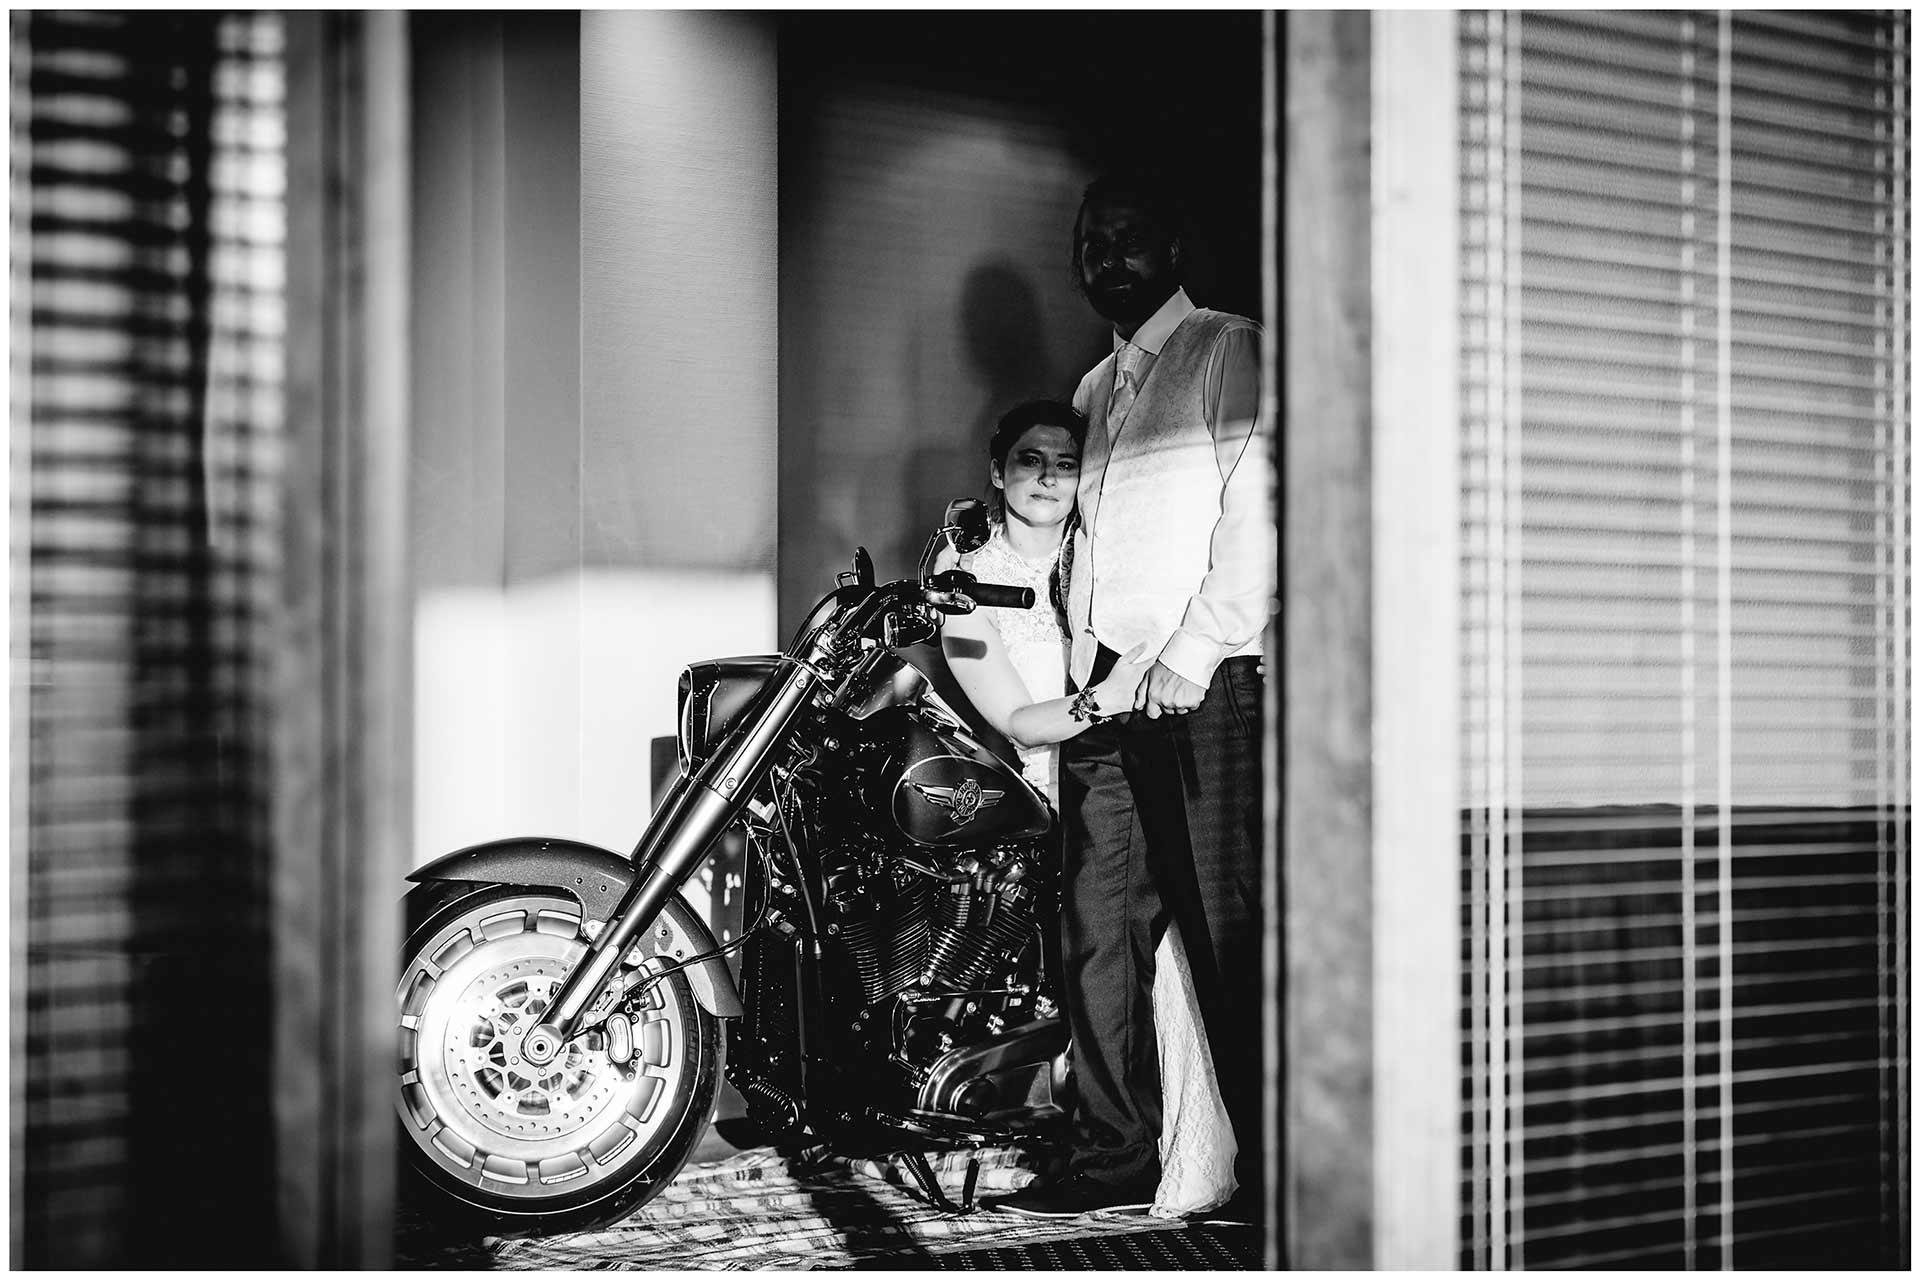 Hochzeitspaar-auf-sitzt-einer-Harley-Davidson-Hochzeit-im-Hotel-Neptun-Hochzeitsfotograf-Warnemuende-Hochzeitsfotograf-Rostock-Hochzeitsfotograf-Ostseebad-Warnemuende